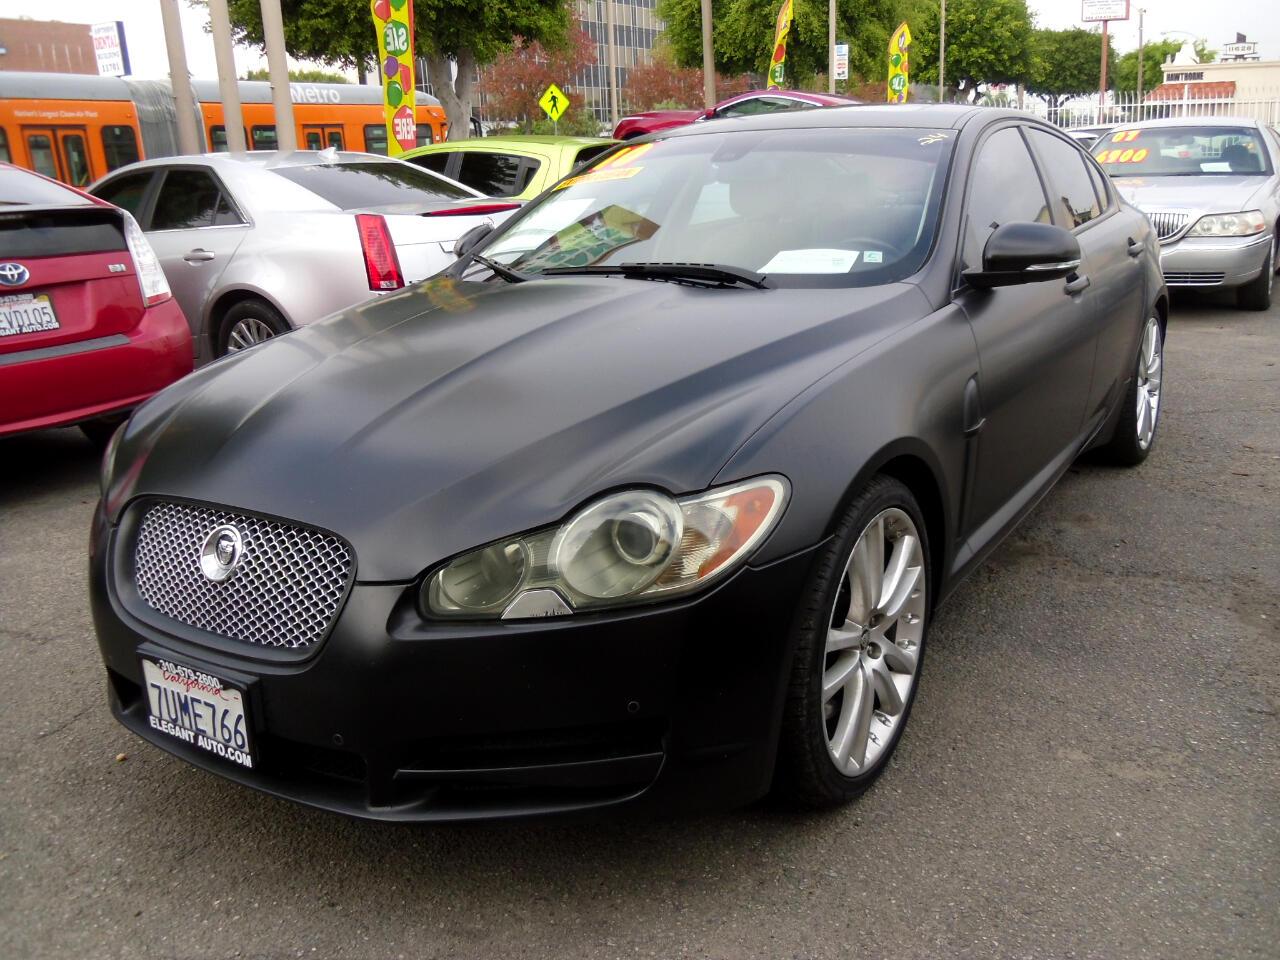 Jaguar XF 4dr Sdn Premium Luxury 2010